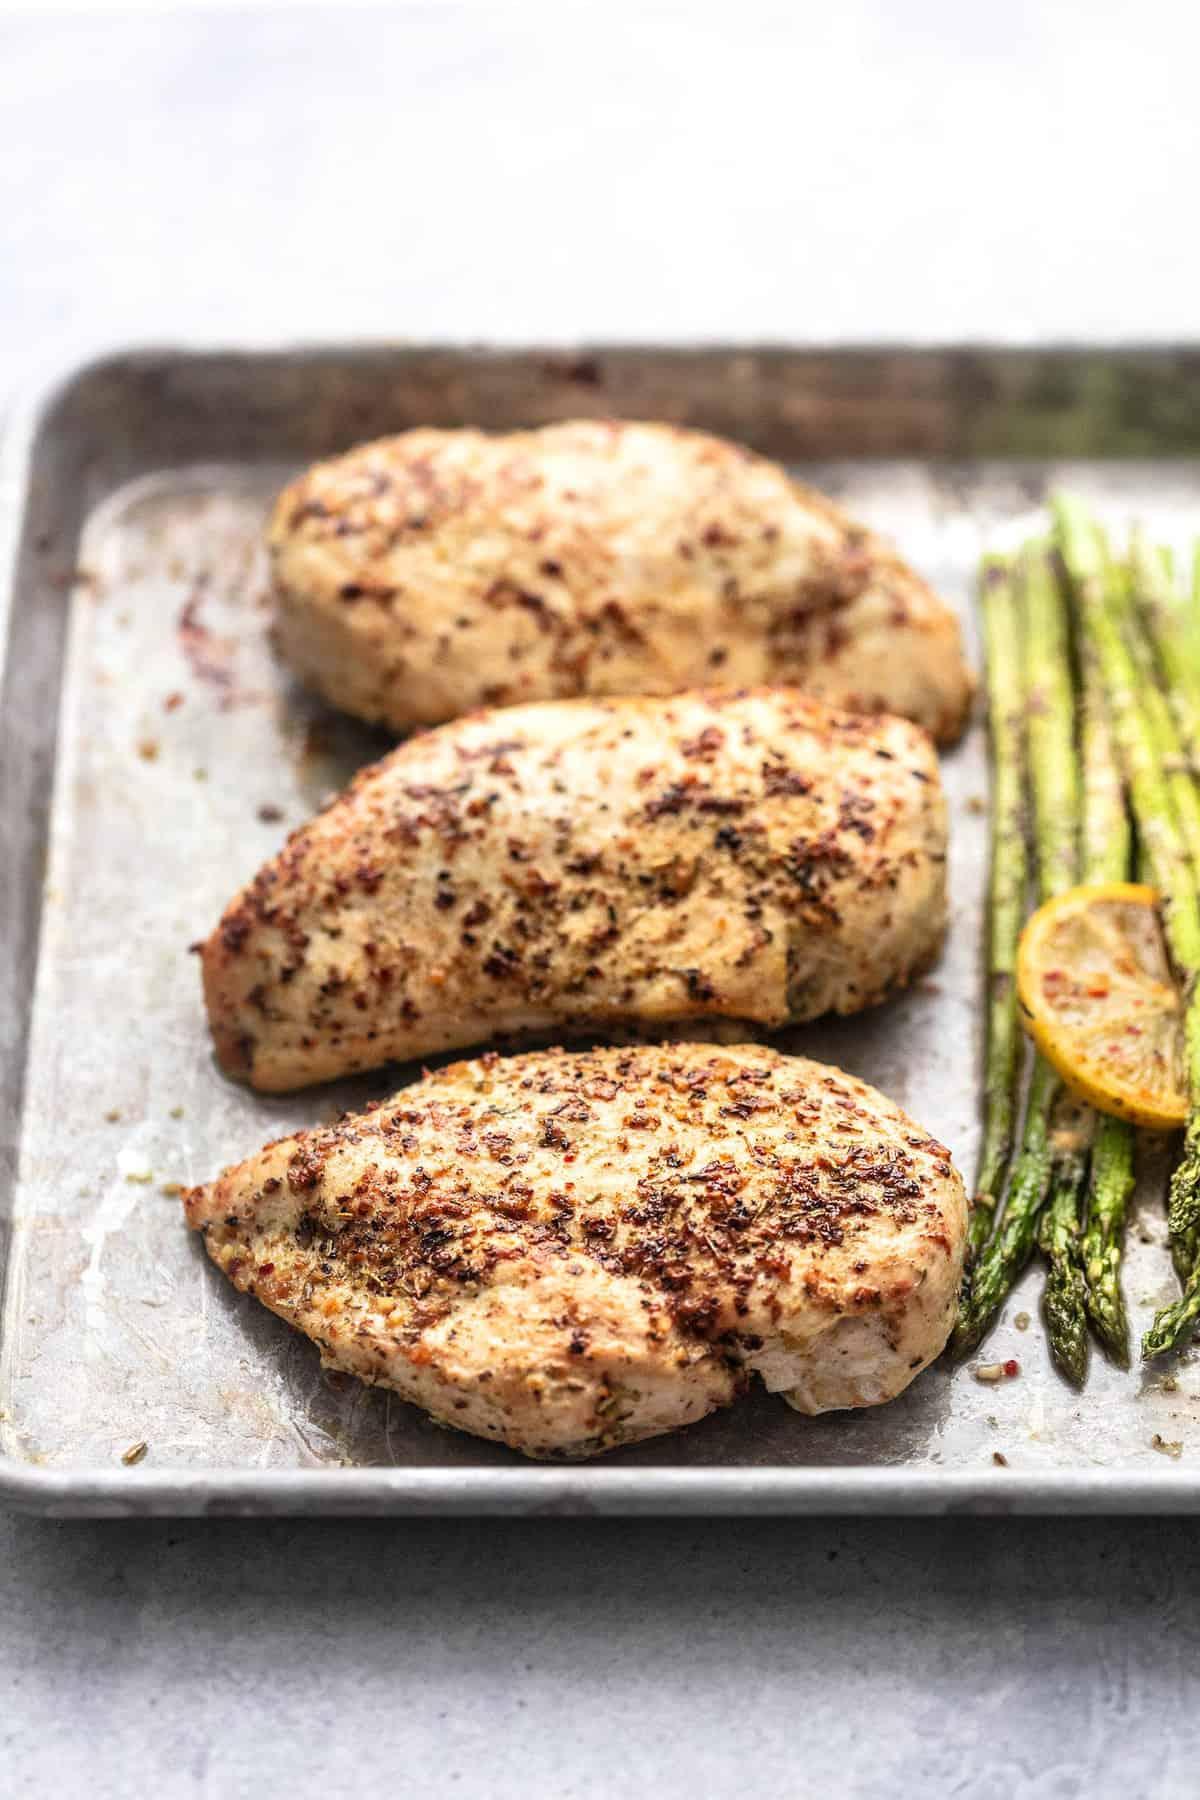 Einfaches gesundes Blatt Pfanne Huhn und Spargel Abendessen Rezept | lecremedelacrumb.com